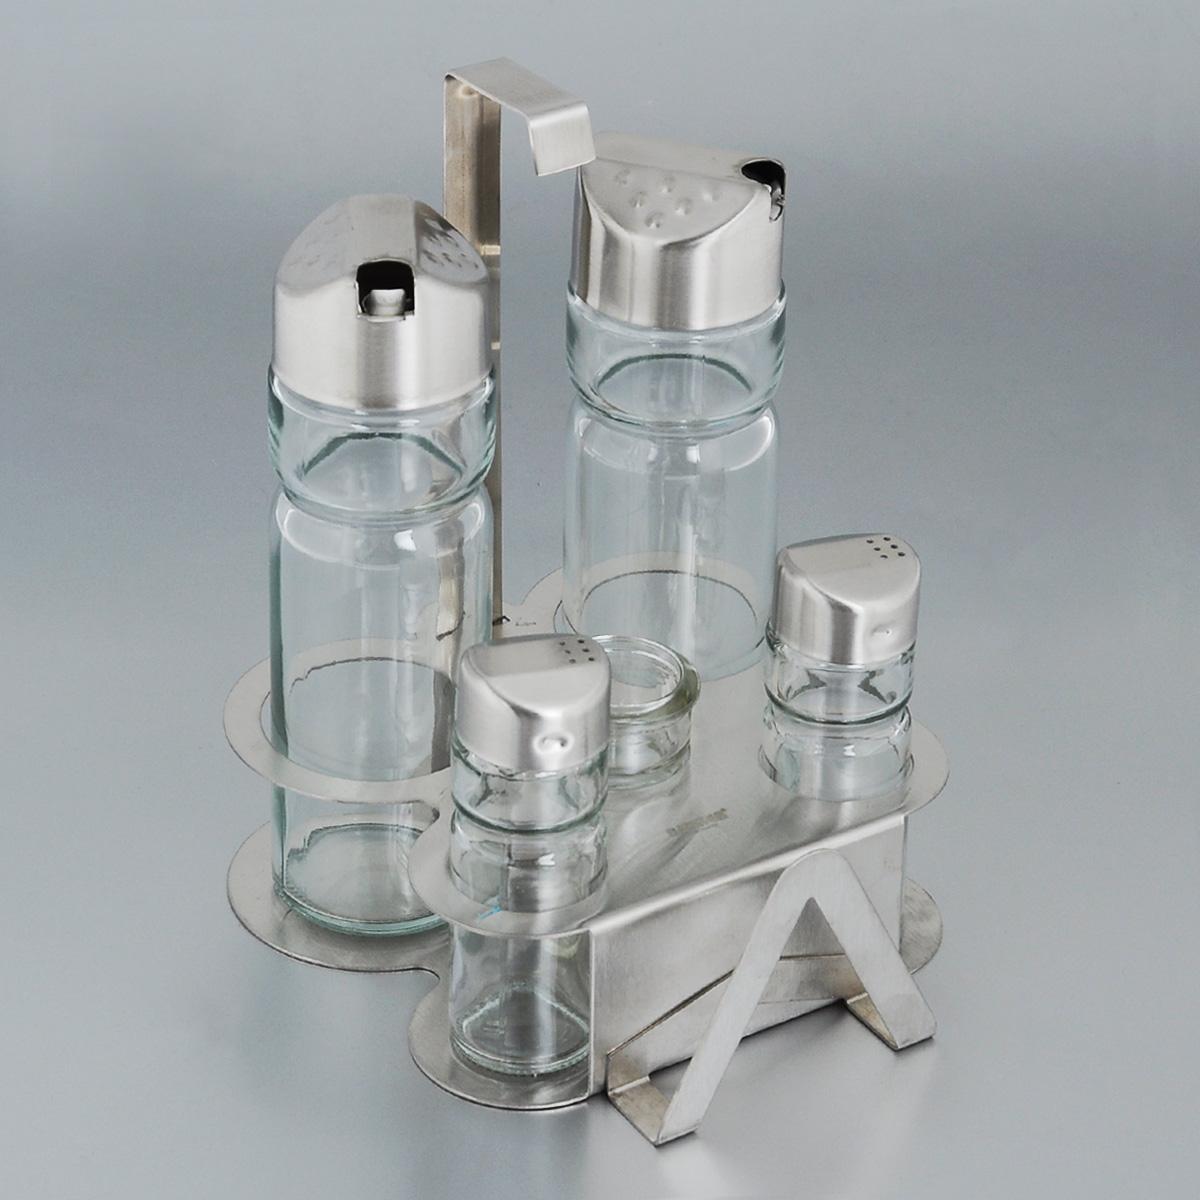 Набор для специй Bekker, 6 предметов. BK-3100 (24)650310Набор для специй Bekker состоит из солонки, перечницы, двух дозаторов для масла и уксуса, емкости для зубочисток и подставки. Емкости выполнены из стекла и оснащены металлическими крышками. В комплекте имеется подставка из нержавеющей стали с матовой полировкой. Подставка оснащена специальными выемками для емкостей и салфетницей.Такой набор стильно украсит кухонный стол, а благодаря качеству материалов и высококлассной обработке прослужит долгие годы.Высота солонки/перечницы: 9 см. Диаметр солонки/перечницы: 3 см. Высота емкости для зубочисток: 6 см. Диаметр емкости для зубочисток: 3 см. Высота дозаторов: 16 см. Диаметр дозаторов: 5 см. Размер подставки (ДхШхВ): 14,5 см х 14 см х 18 см. Высота солонки/перечницы: 9 см. Диаметр солонки/перечницы: 3 см. Высота емкости для зубочисток: 6 см. Диаметр емкости для зубочисток: 3 см. Высота дозаторов: 16 см. Диаметр дозаторов: 5 см. Размер подставки (ДхШхВ): 14,5 см х 14 см х 18 см.